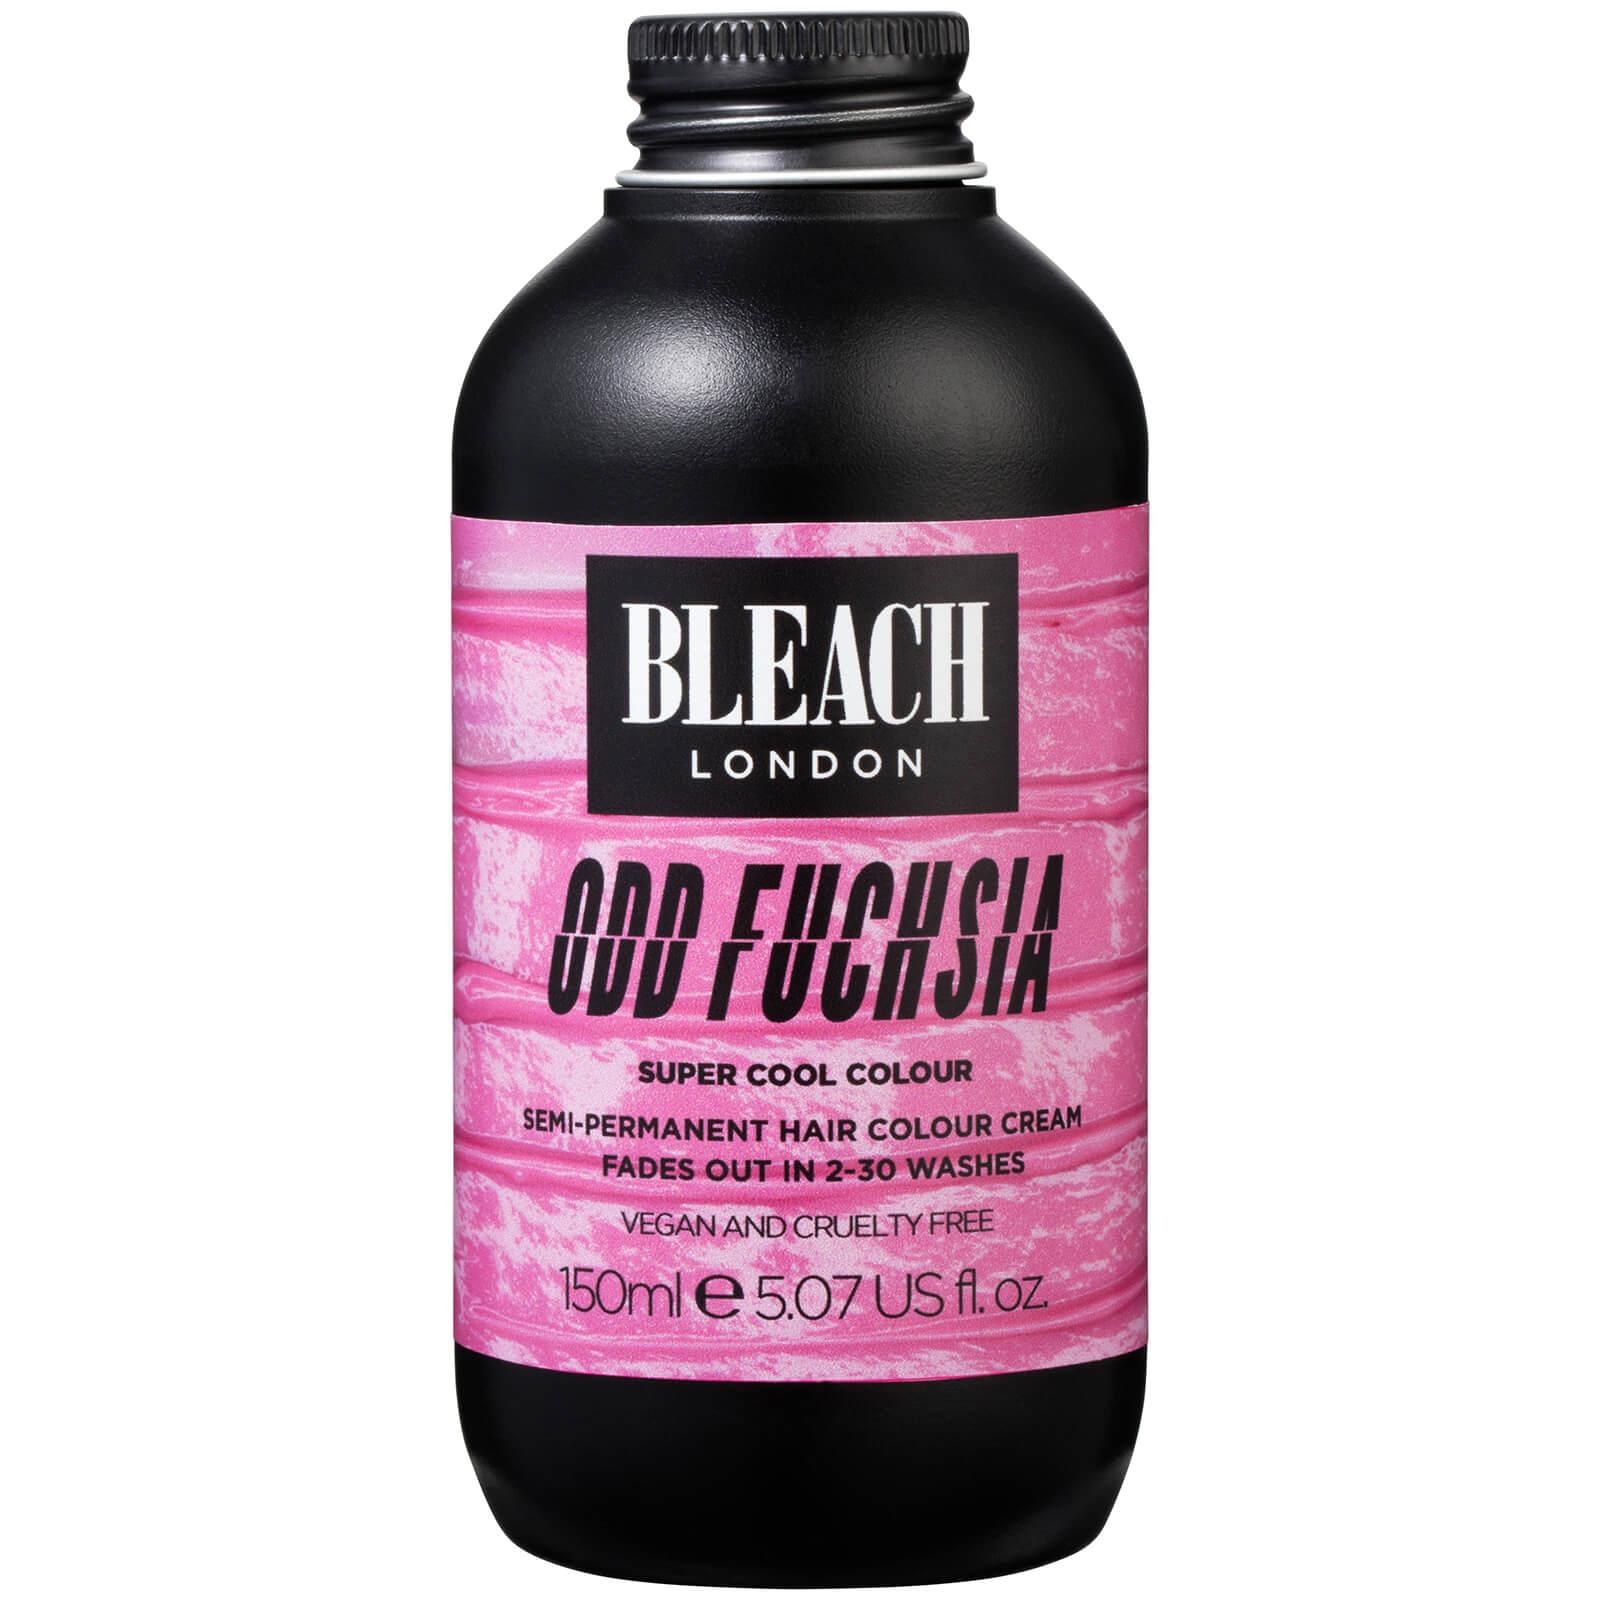 Купить BLEACH LONDON Super Cool Colour - Odd Fuchsia 150ml